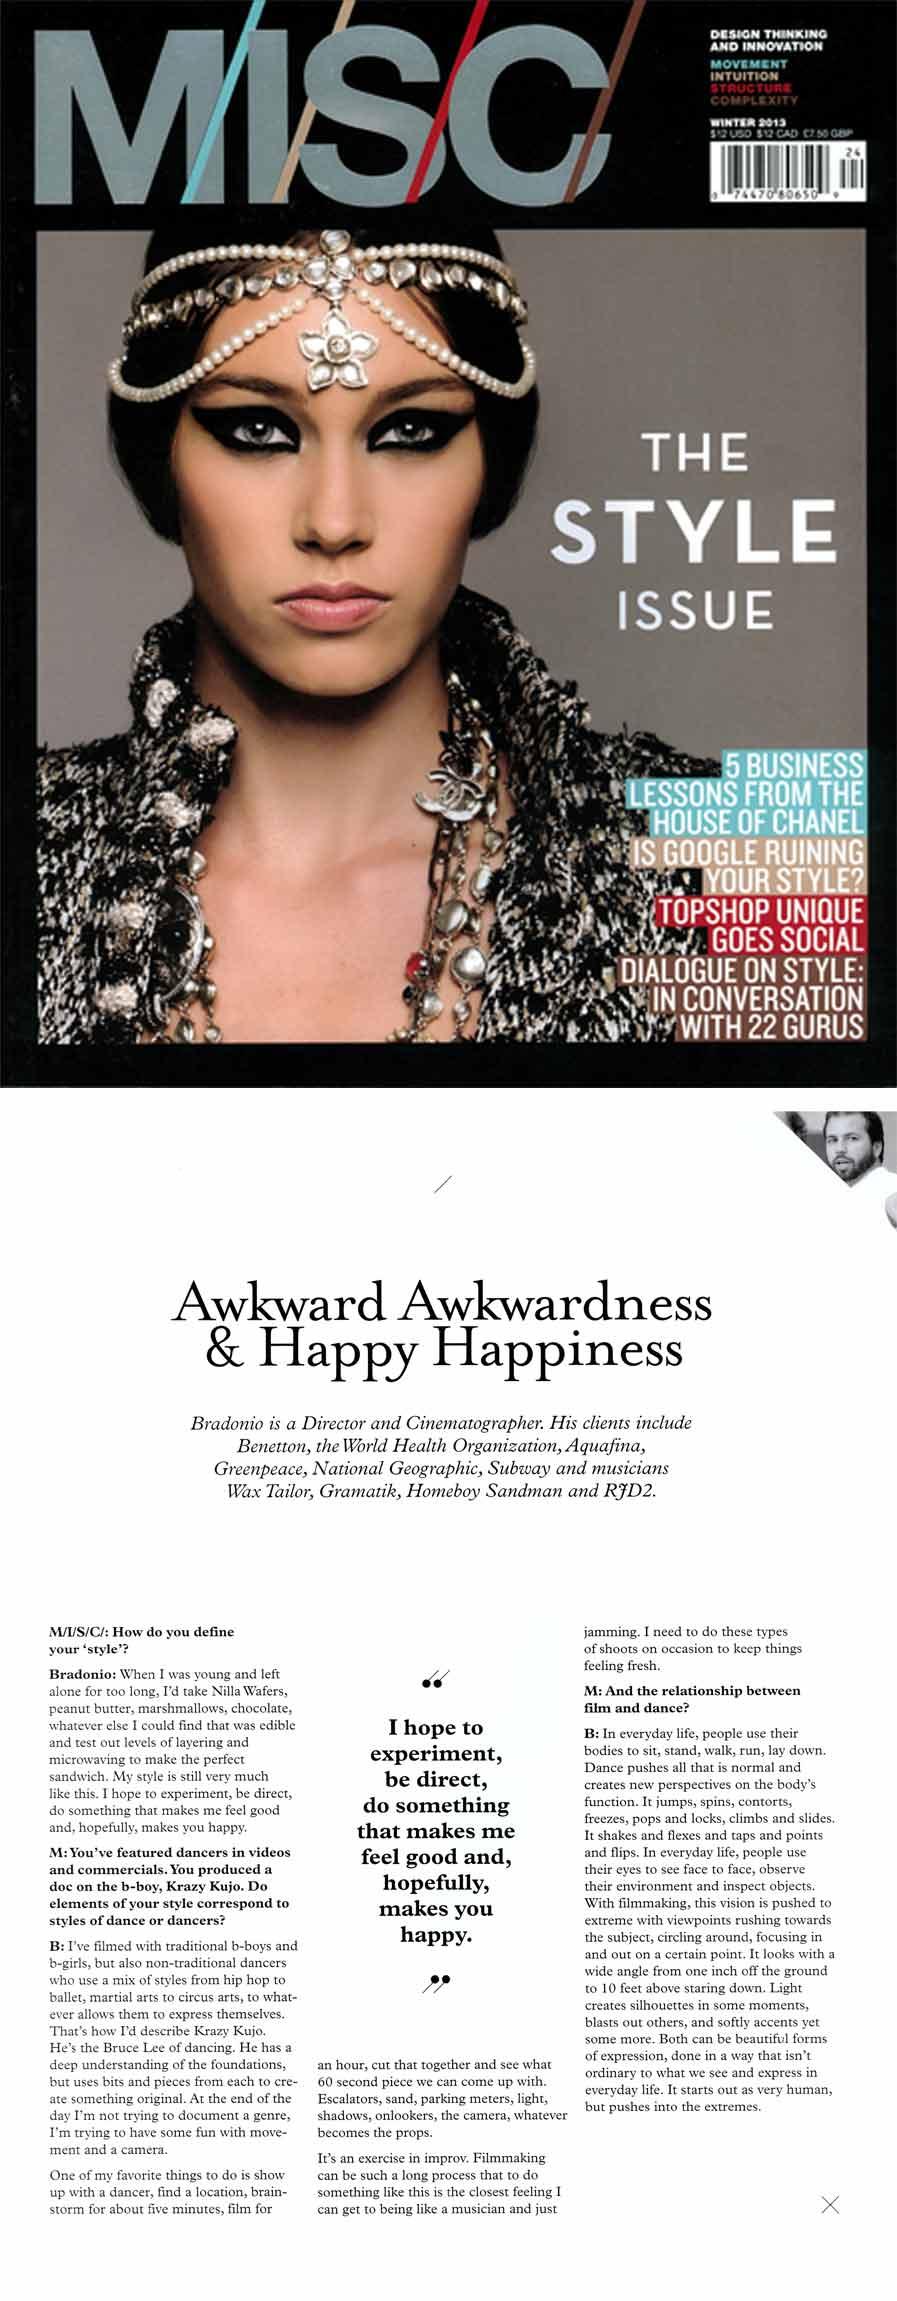 Misc_Magazine_Brad_Hasse